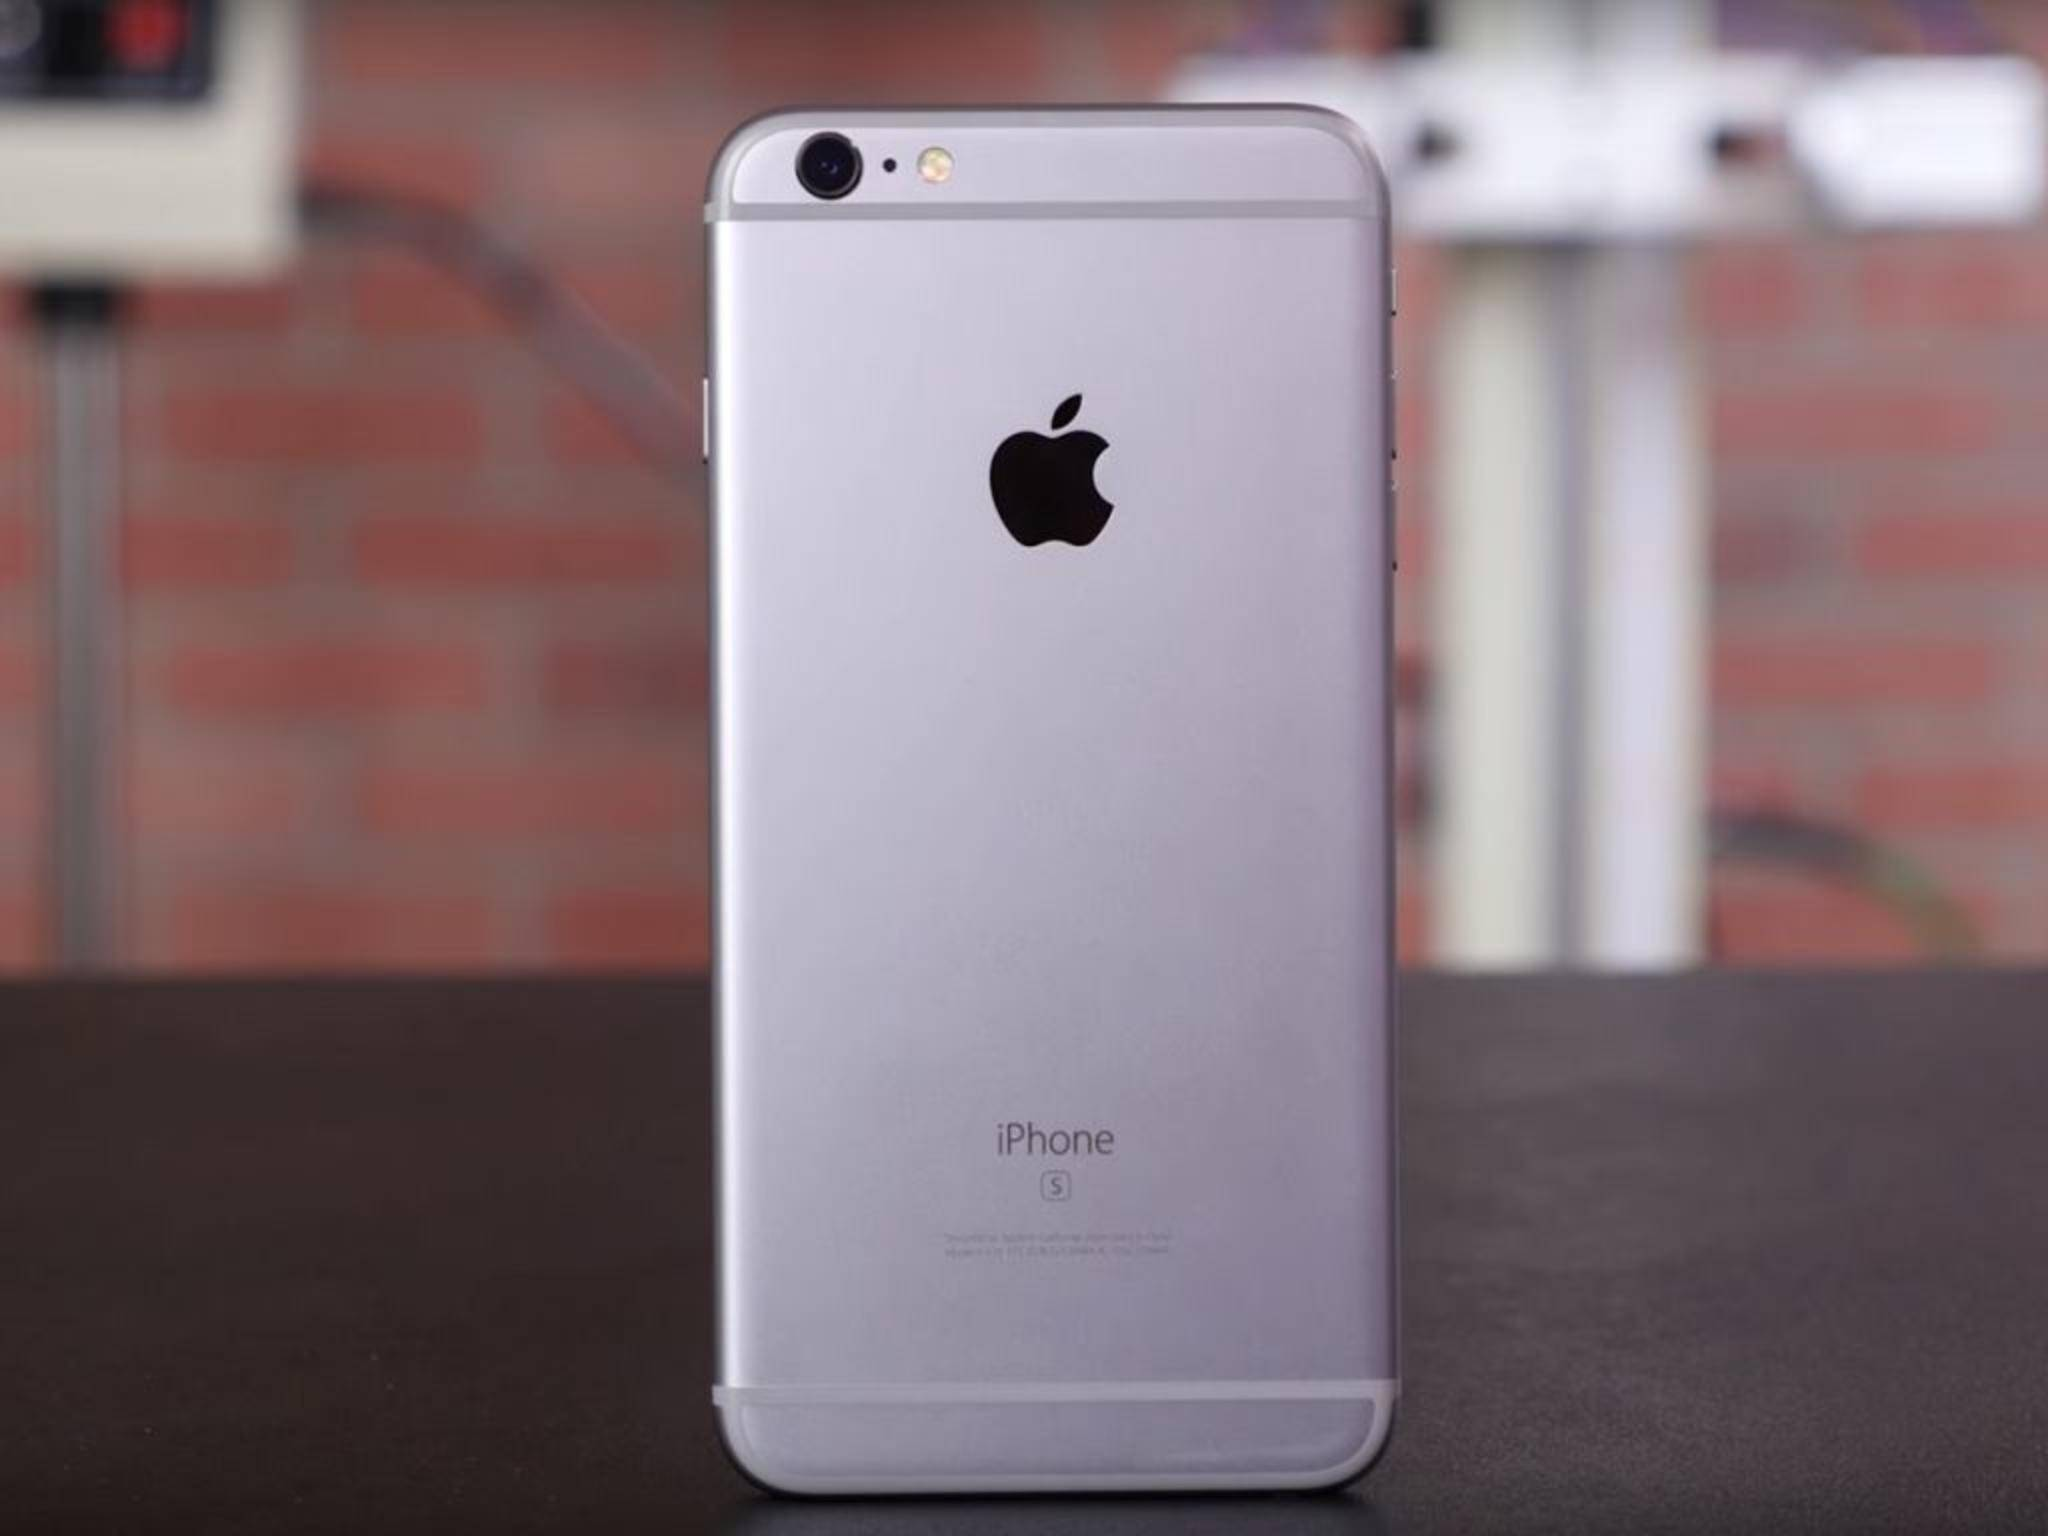 Sieht das iPhone 7 so aus wie das hier gezeigte iPhone 6s?